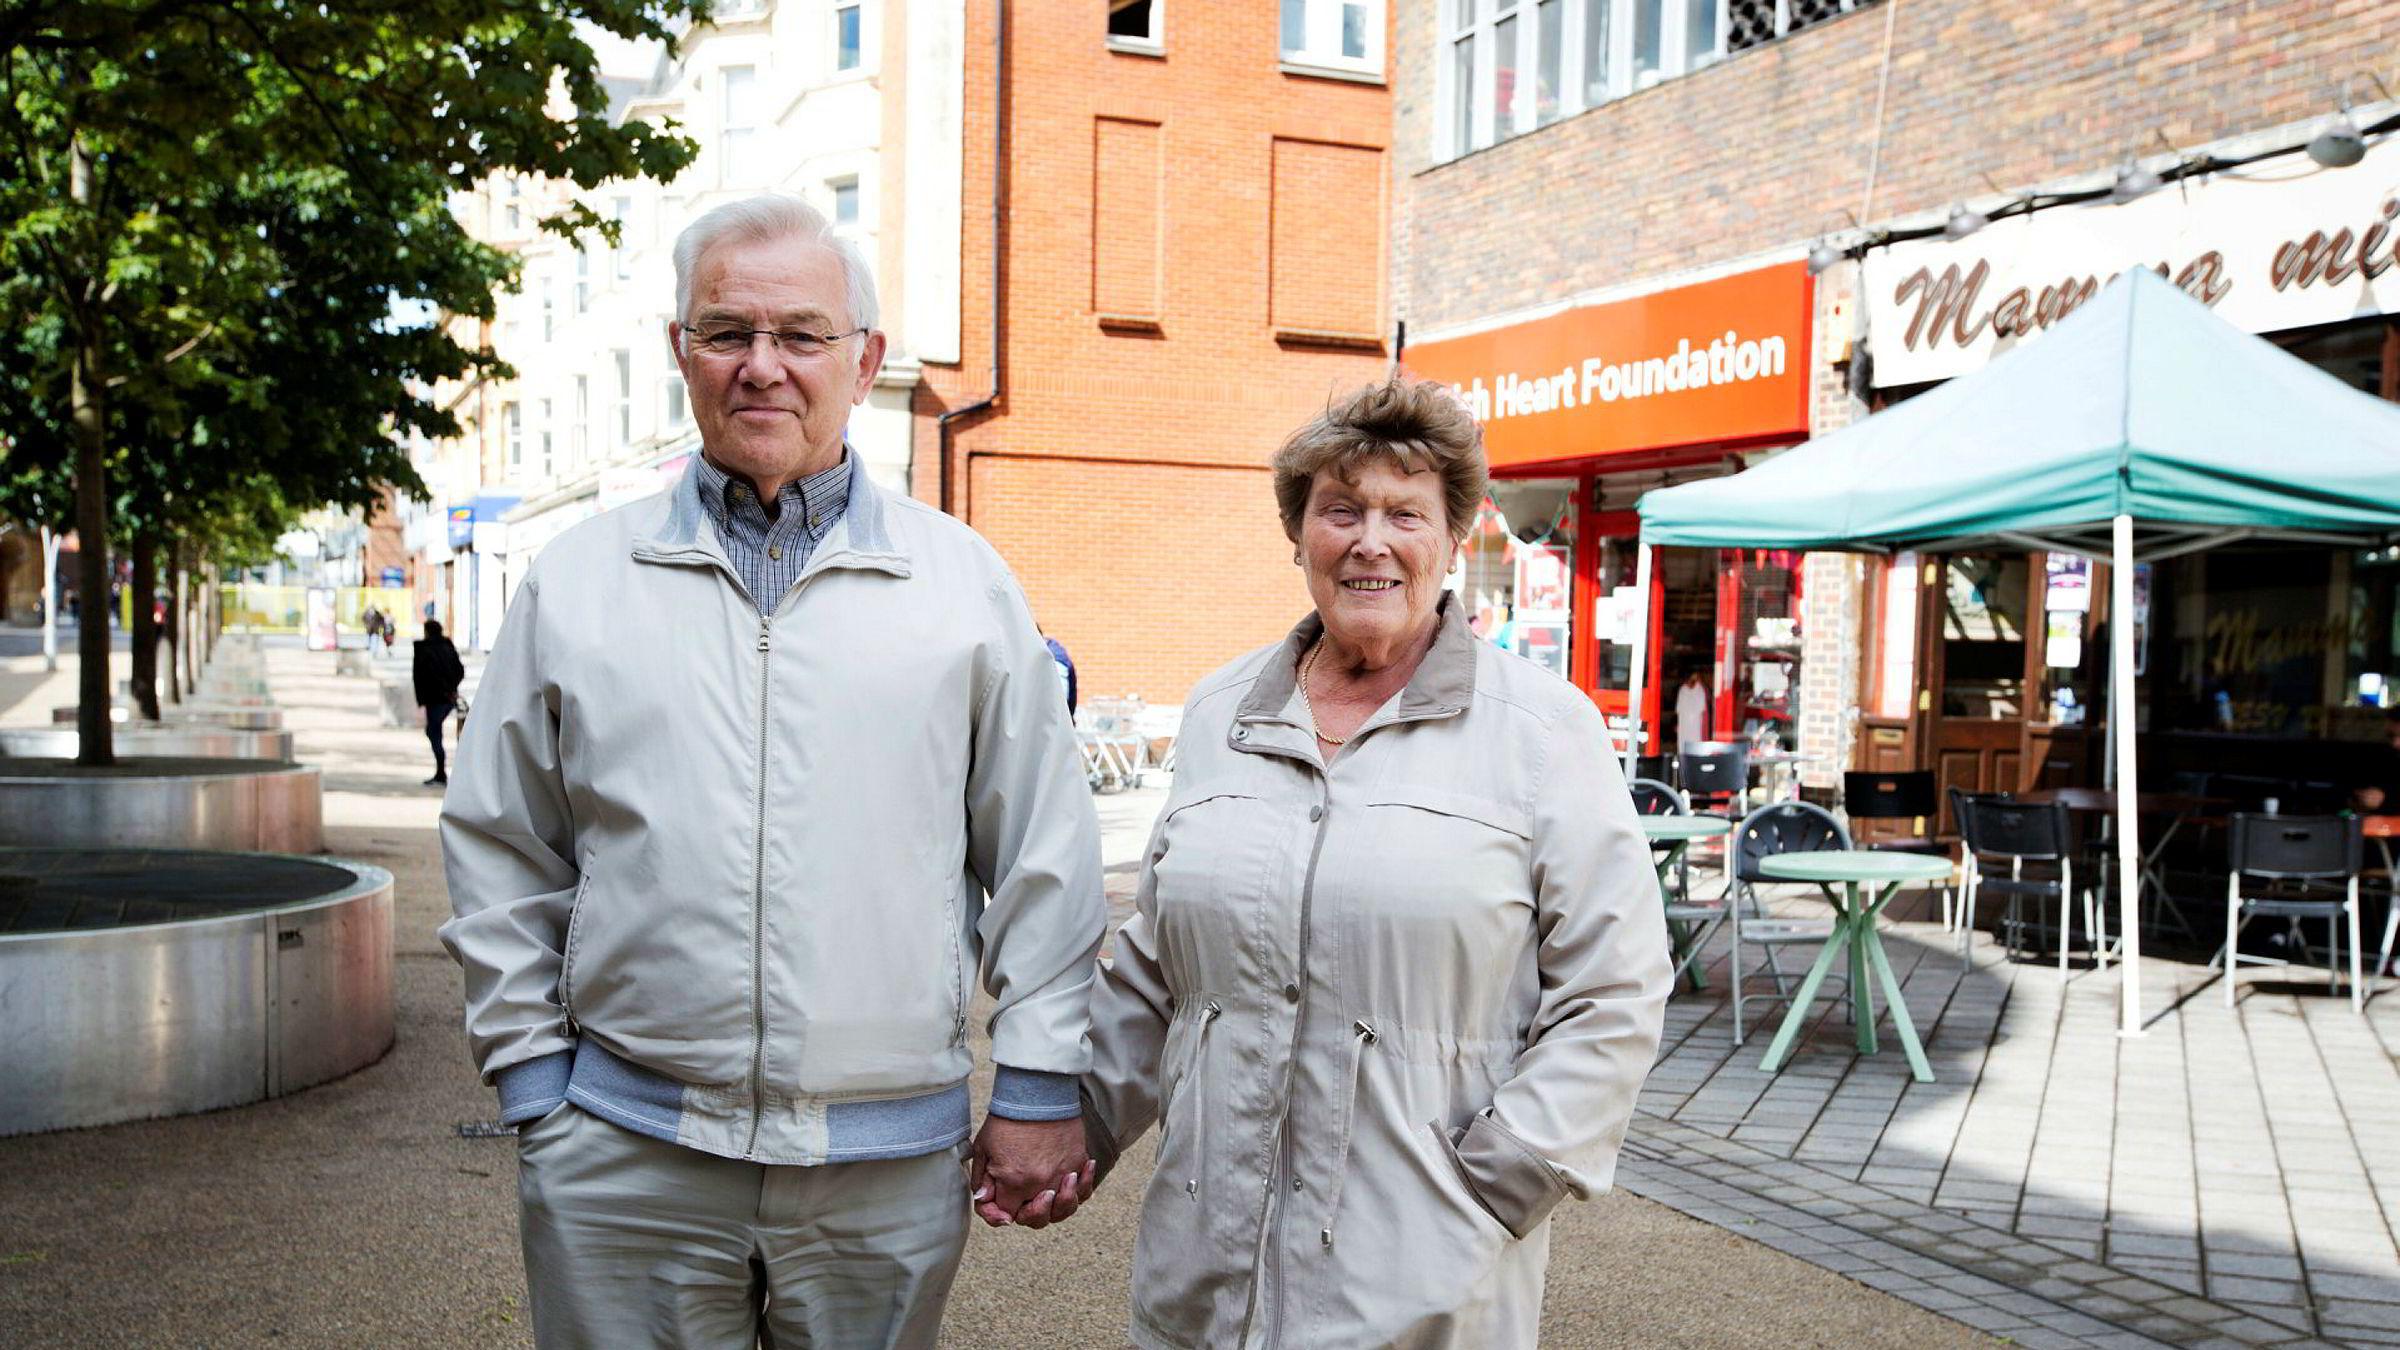 Ekteparet Pat og Jack Brayshaw (78) fra Redhill i Surrey synes det er rimelig at formuende eldre må betale mer for hjemmehjelp, også dersom det skulle gjøre barn og barnebarn arveløse.